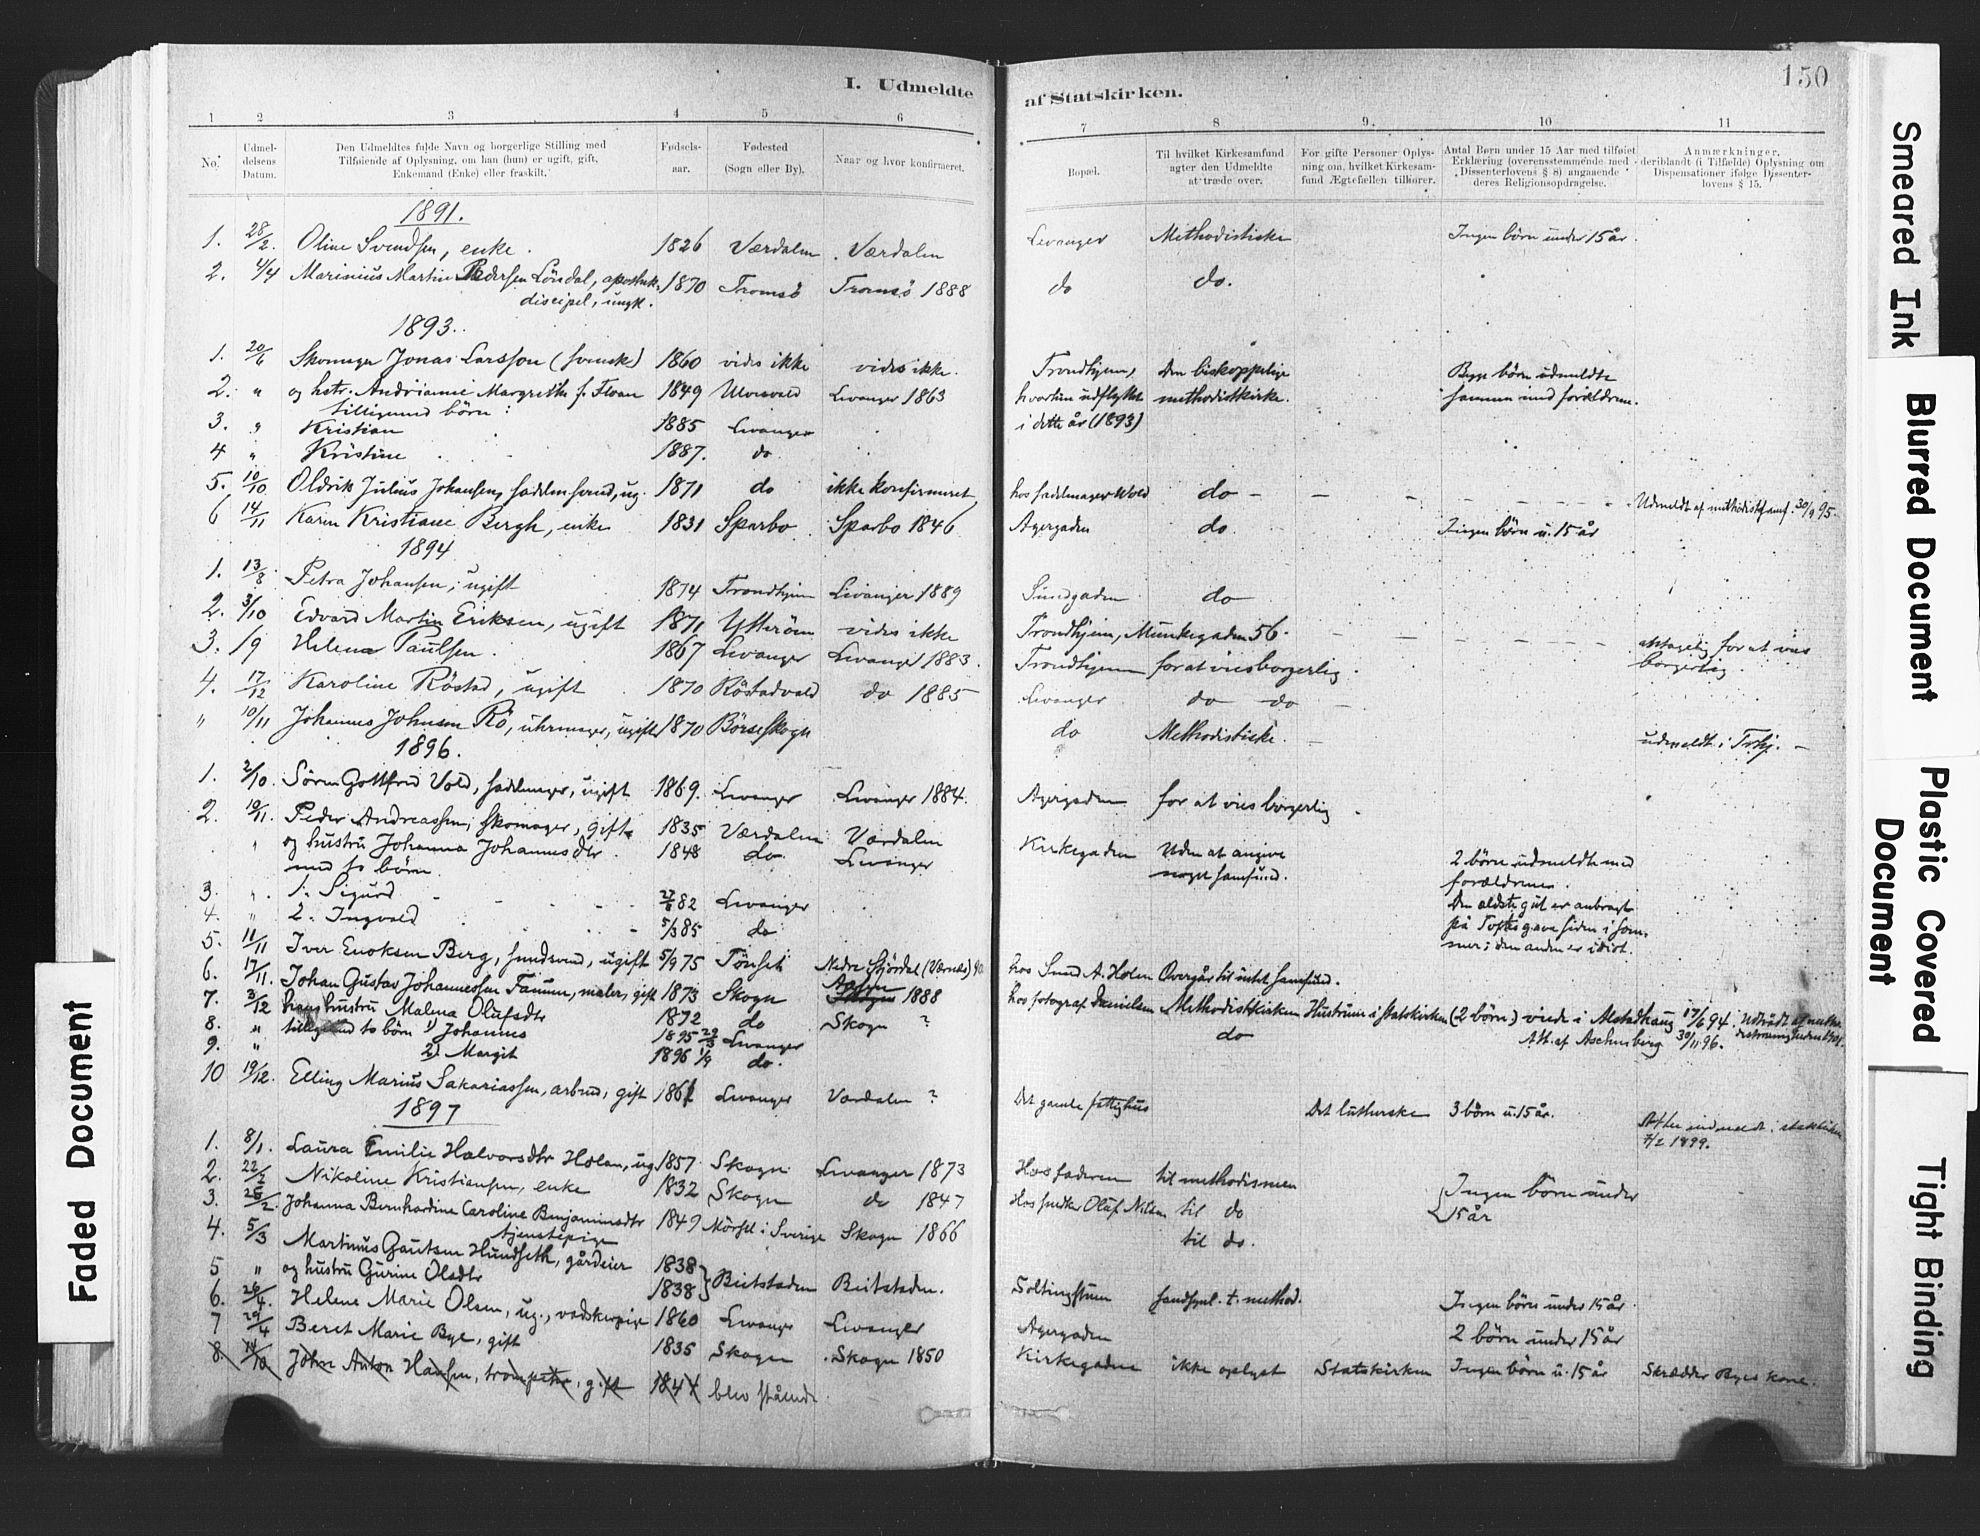 SAT, Ministerialprotokoller, klokkerbøker og fødselsregistre - Nord-Trøndelag, 720/L0189: Ministerialbok nr. 720A05, 1880-1911, s. 150